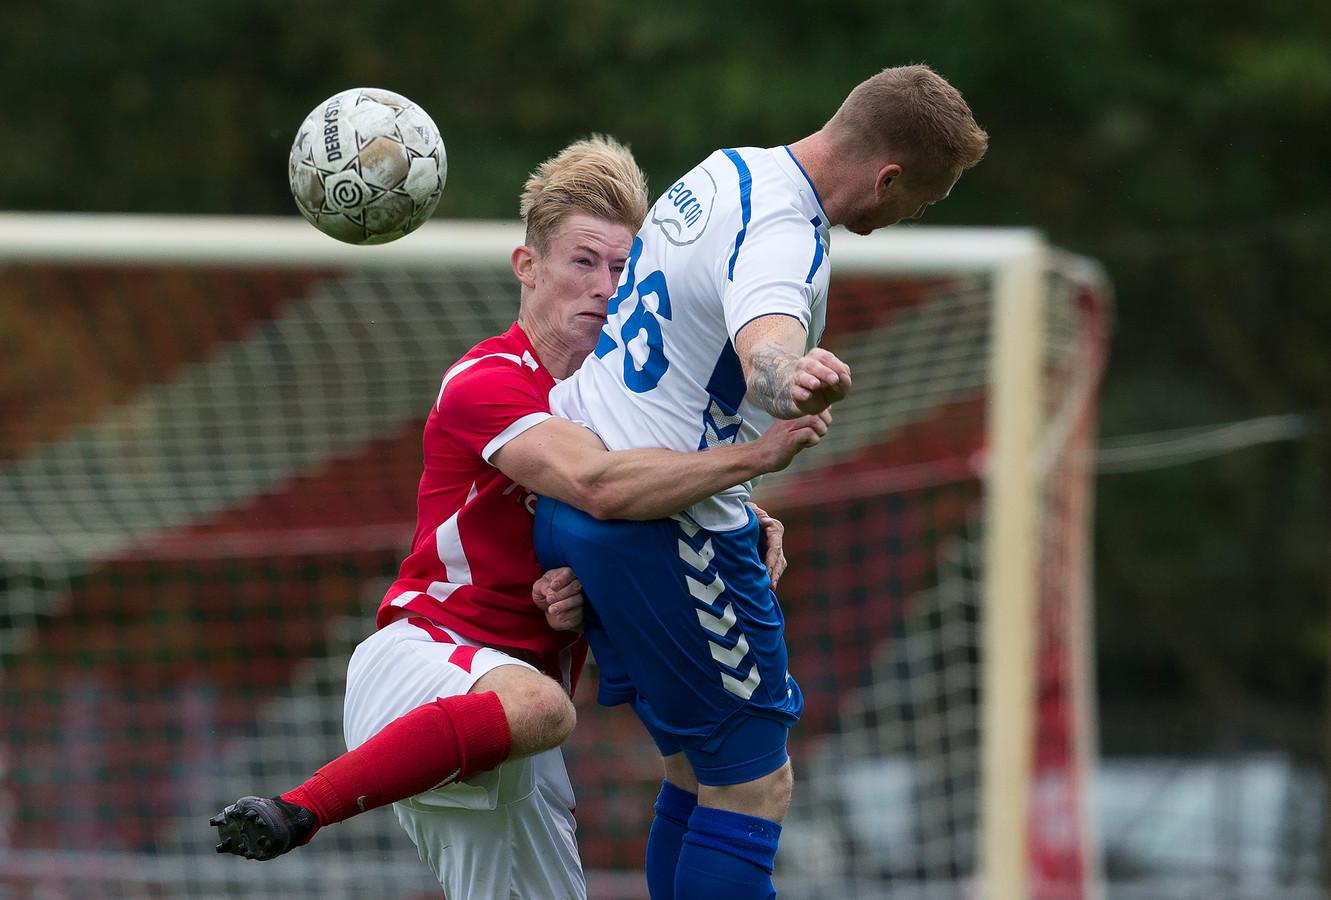 Linksback Sebastian Navis van AZSV (links) gaat het duel aan met William de Boer van Urk.